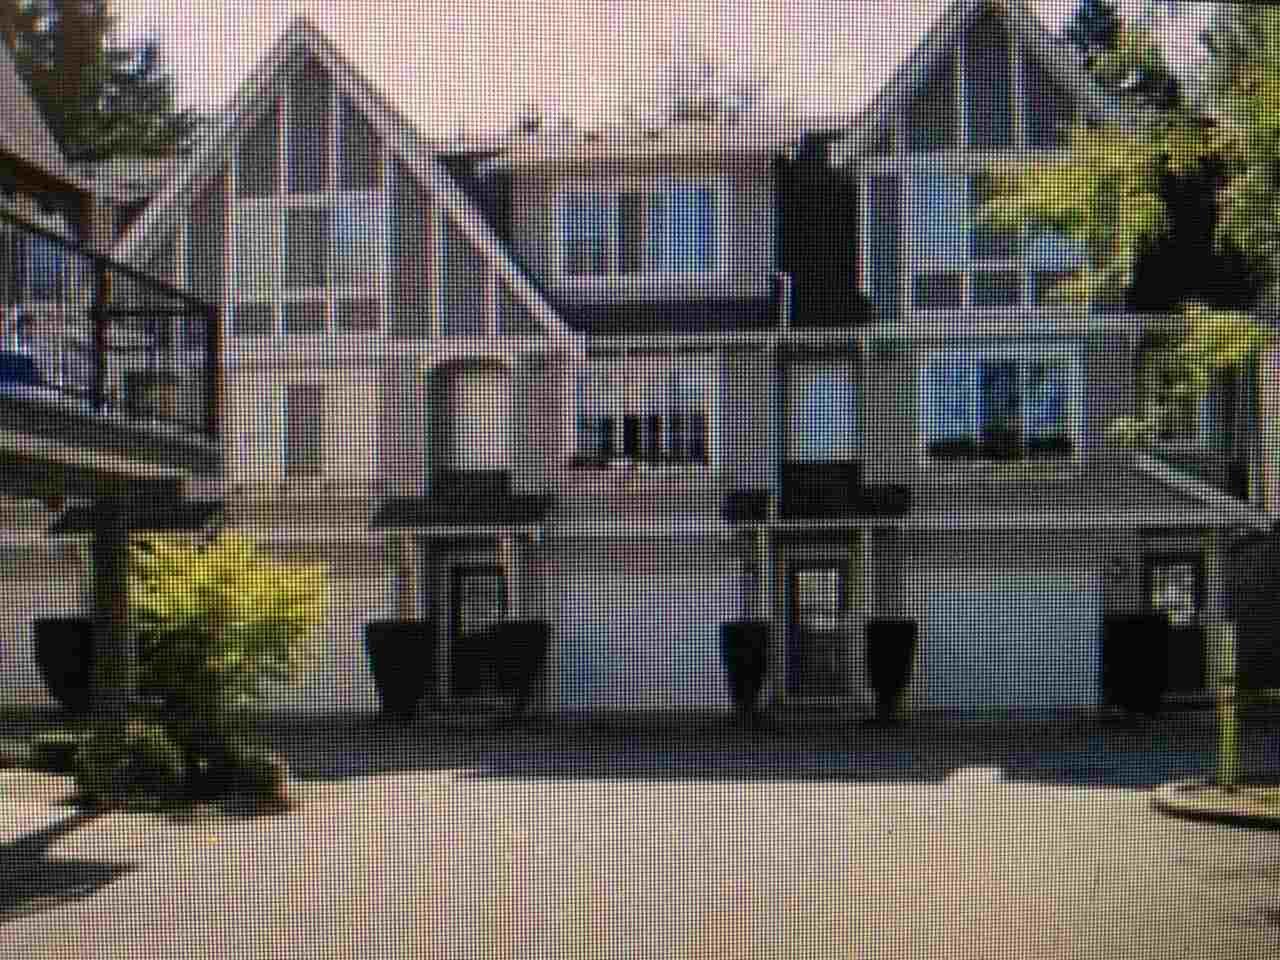 """Main Photo: 58 12778 66 Avenue in Surrey: West Newton Condo for sale in """"Hathaway Village"""" : MLS®# R2331905"""